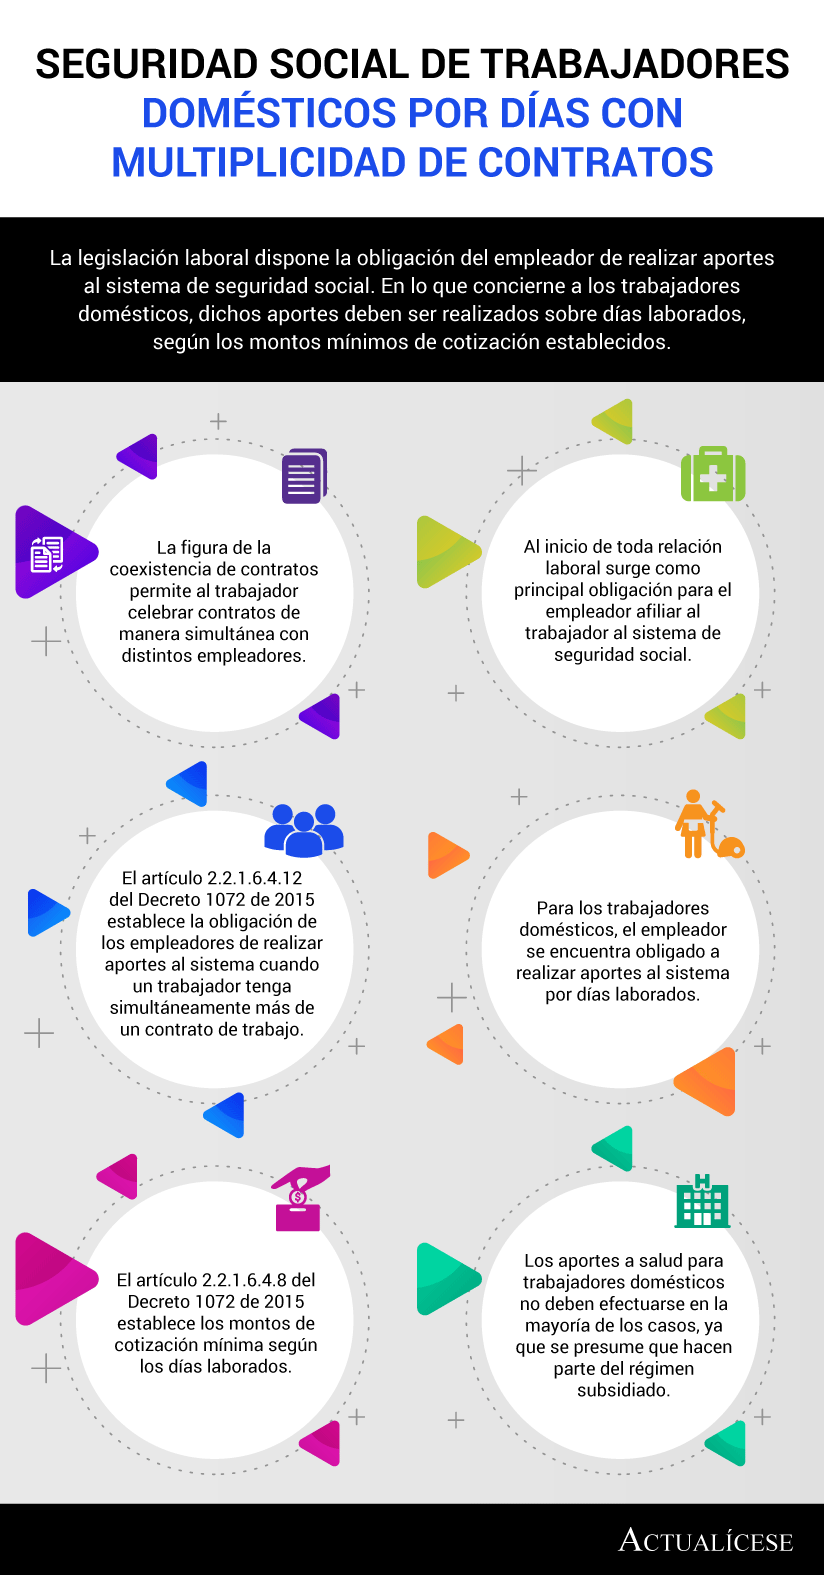 [Infografía] Seguridad social de trabajadores domésticos por días con multiplicidad de contratos